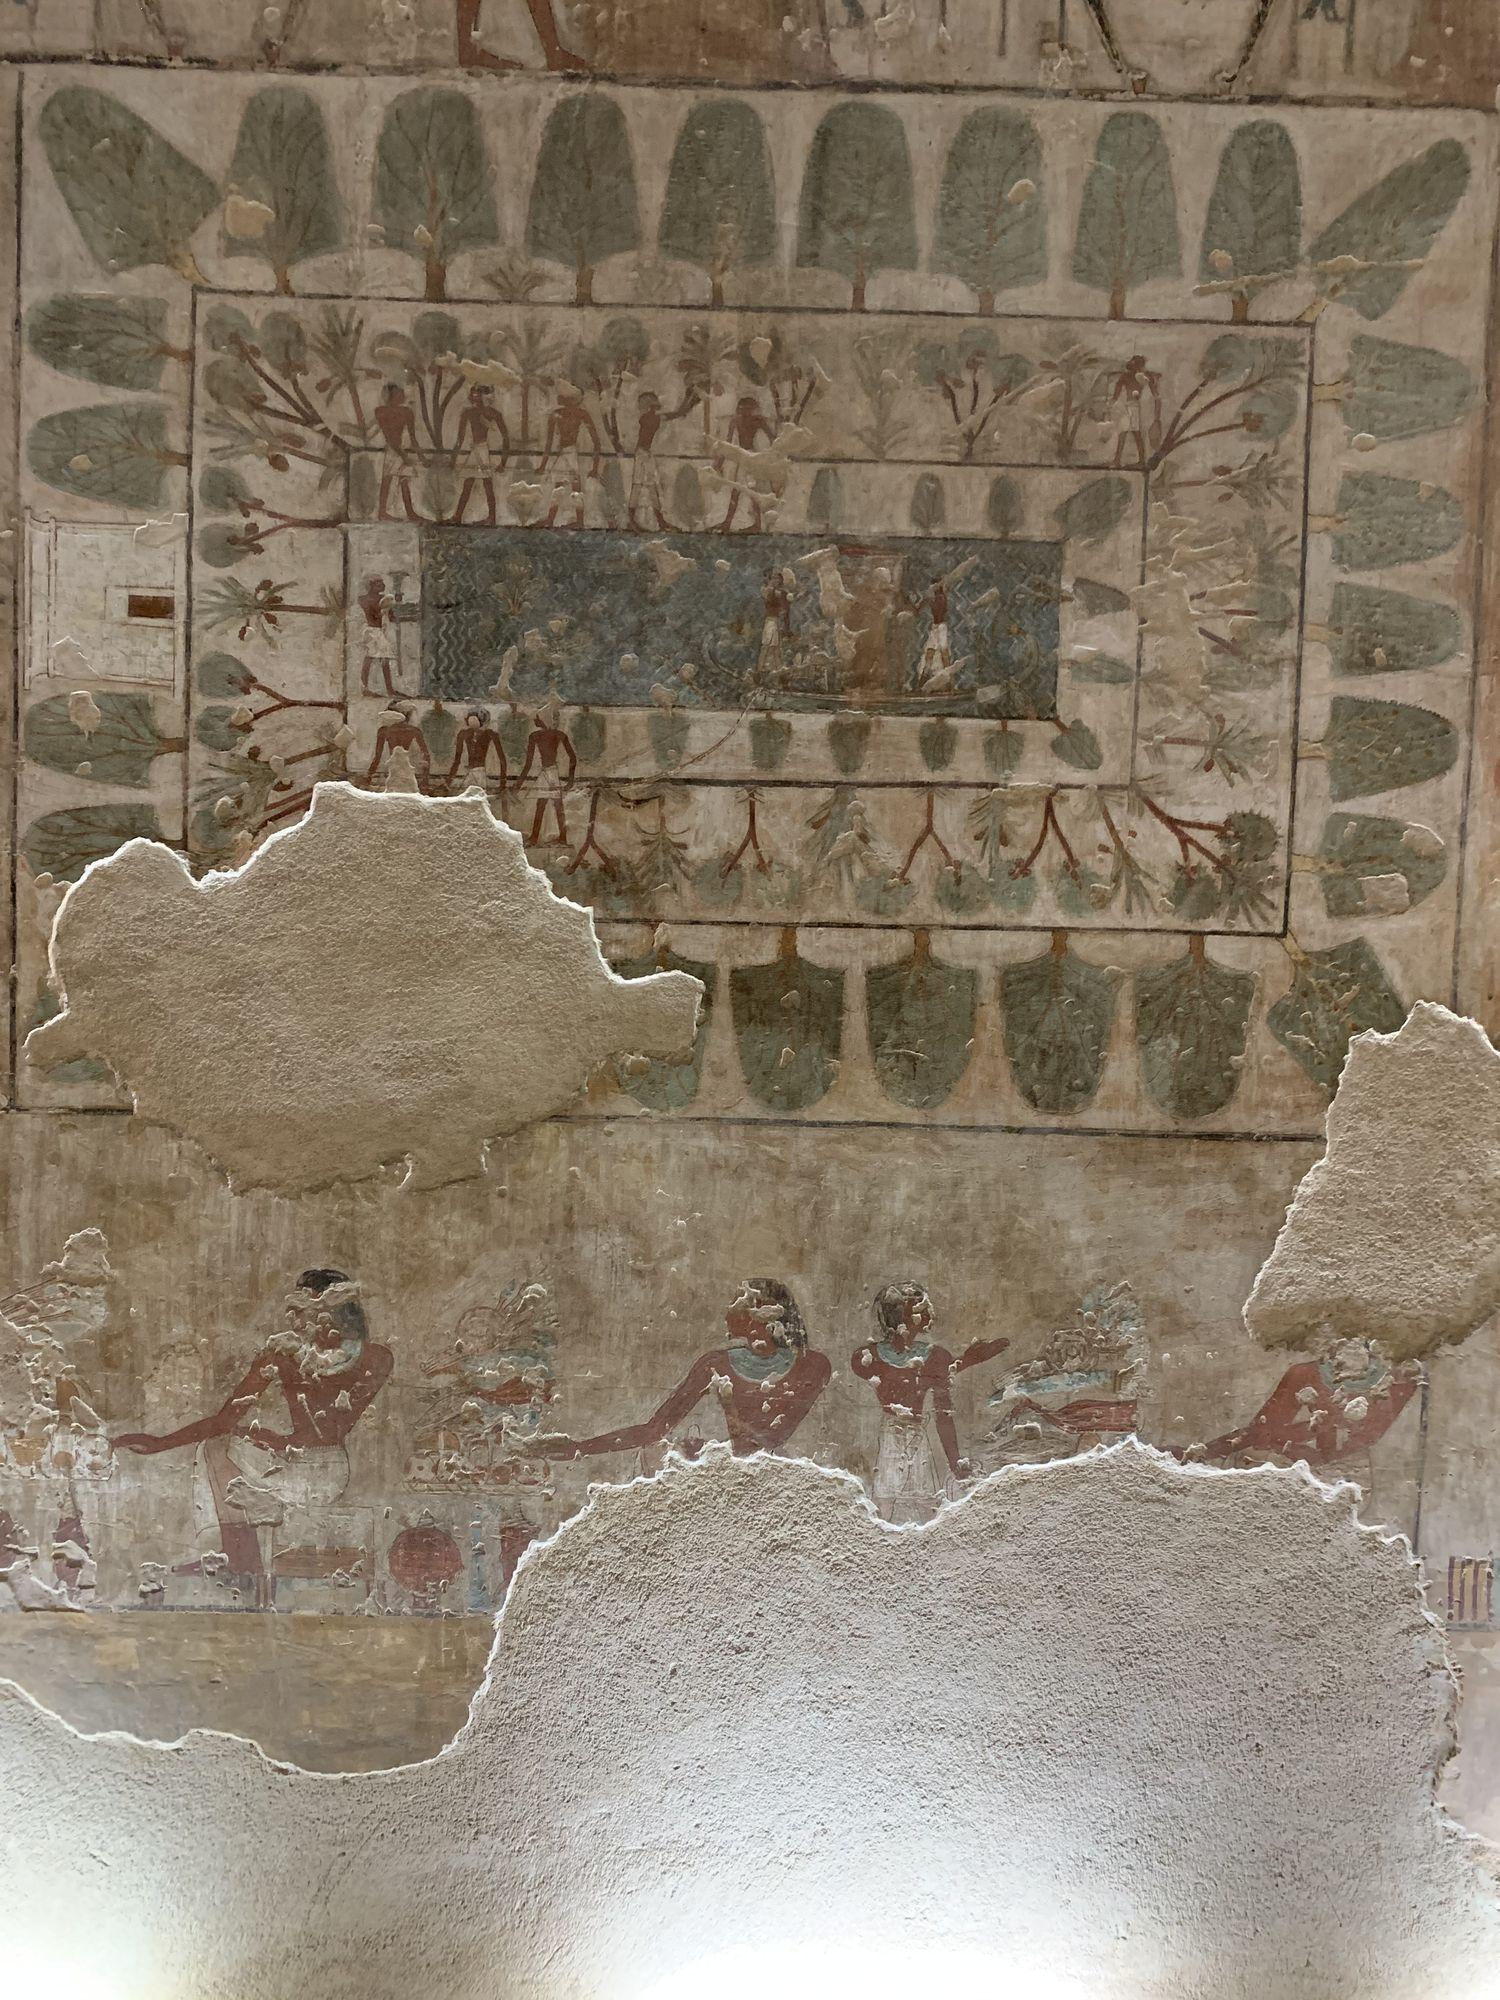 Antiguo Egipto - Valle de los Nobles - Egiptología